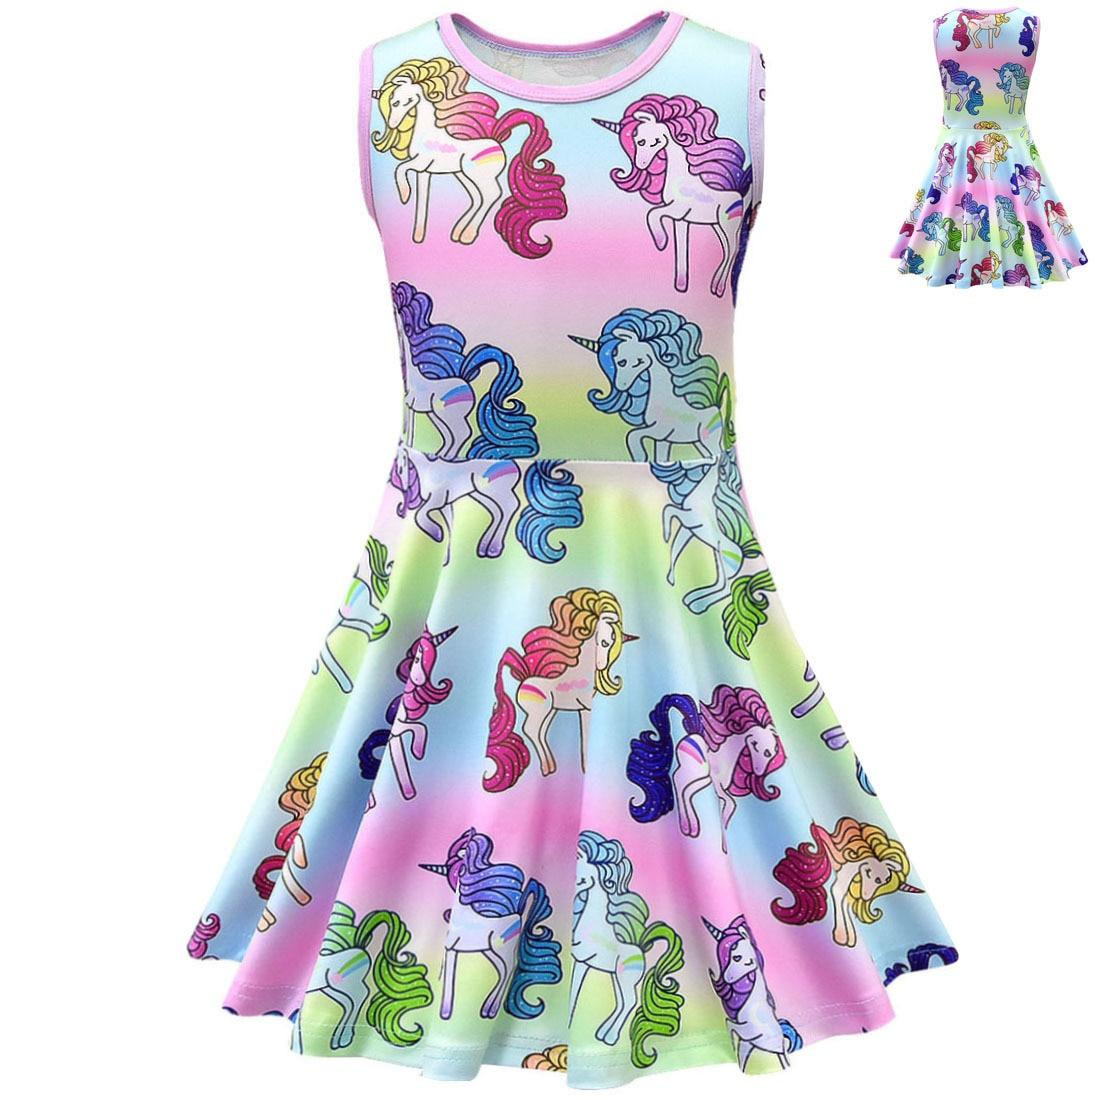 628 28 De Descuentorainbow Pony Niños Vestido Para Niñas Unicornio Fiesta Niño Navidad Disfraz Infantil Princesa Cumpleaños Vestidos Sin Mangas In